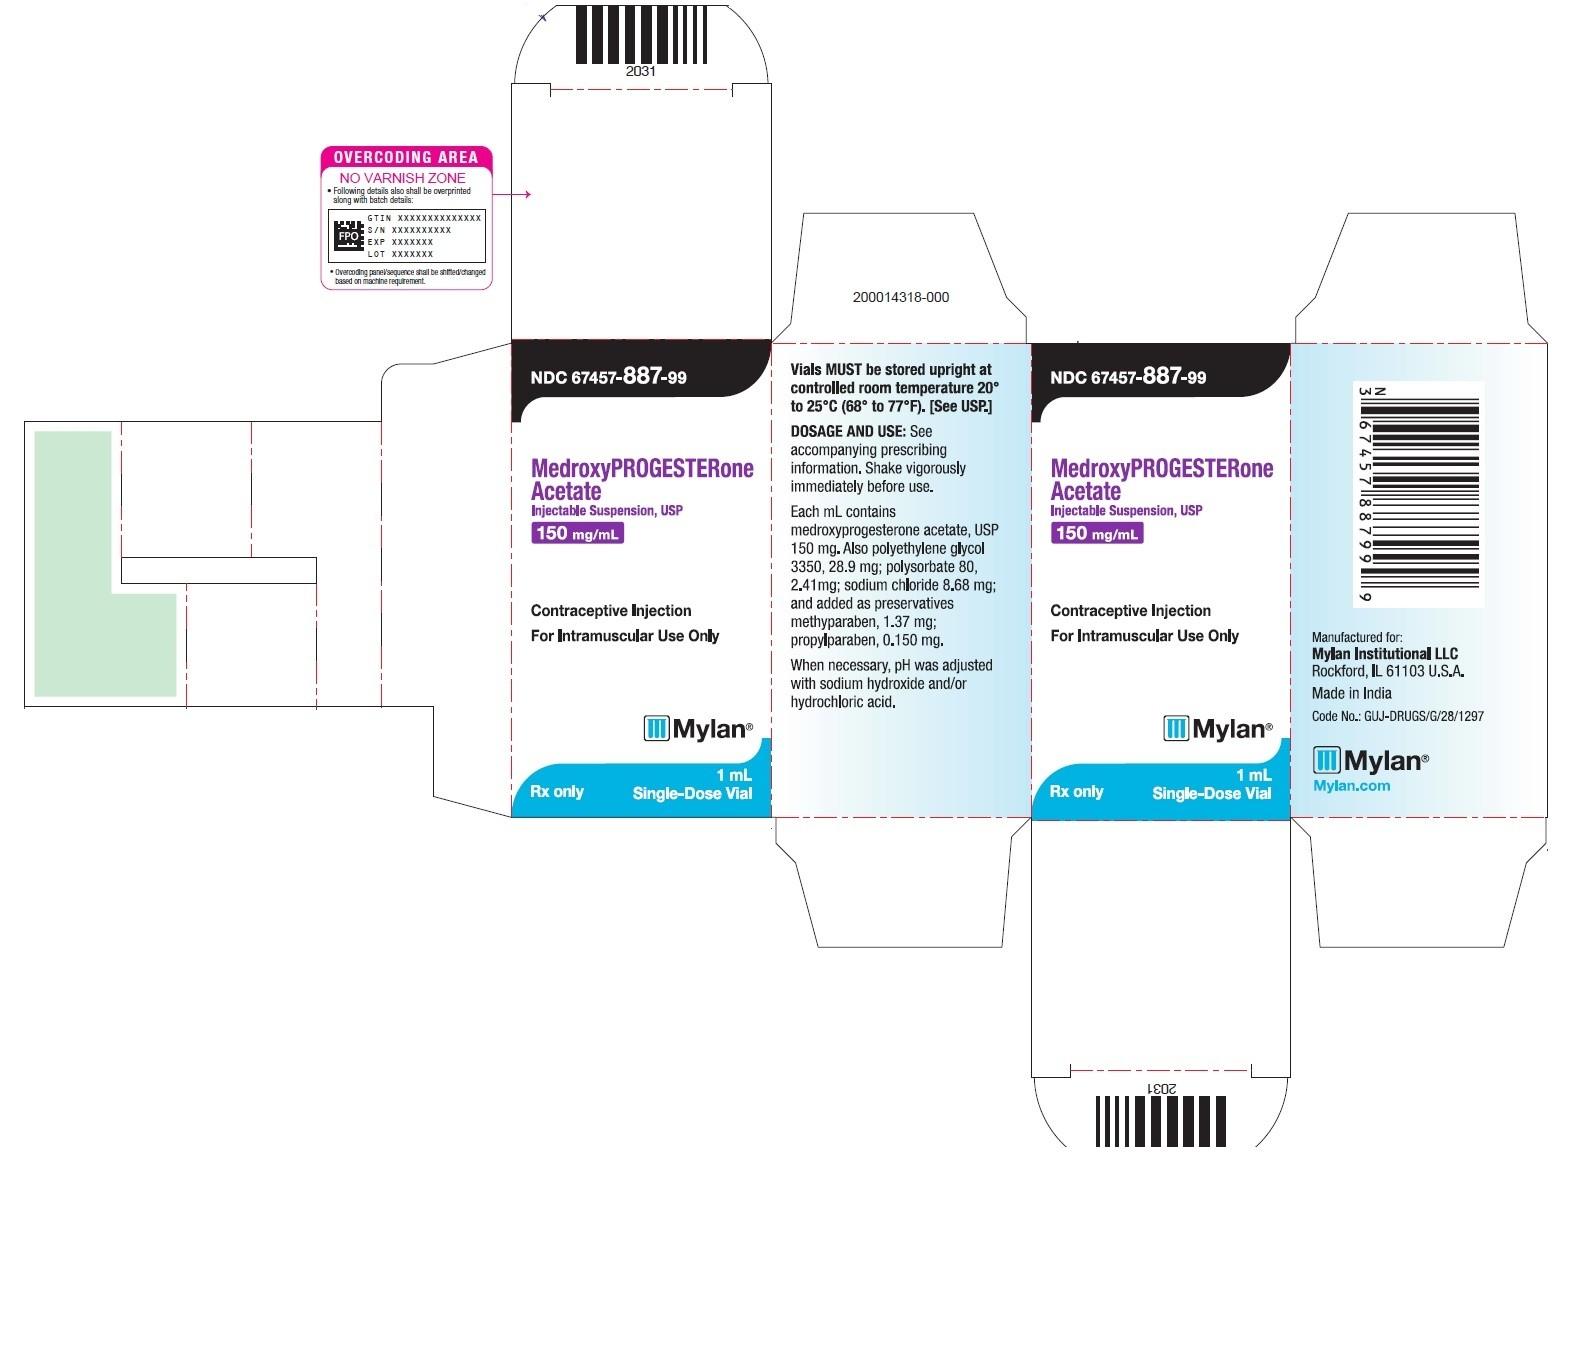 Ndc 67457-887 Medroxyprogesterone Acetate  Ndc Code Depo Provera 2020